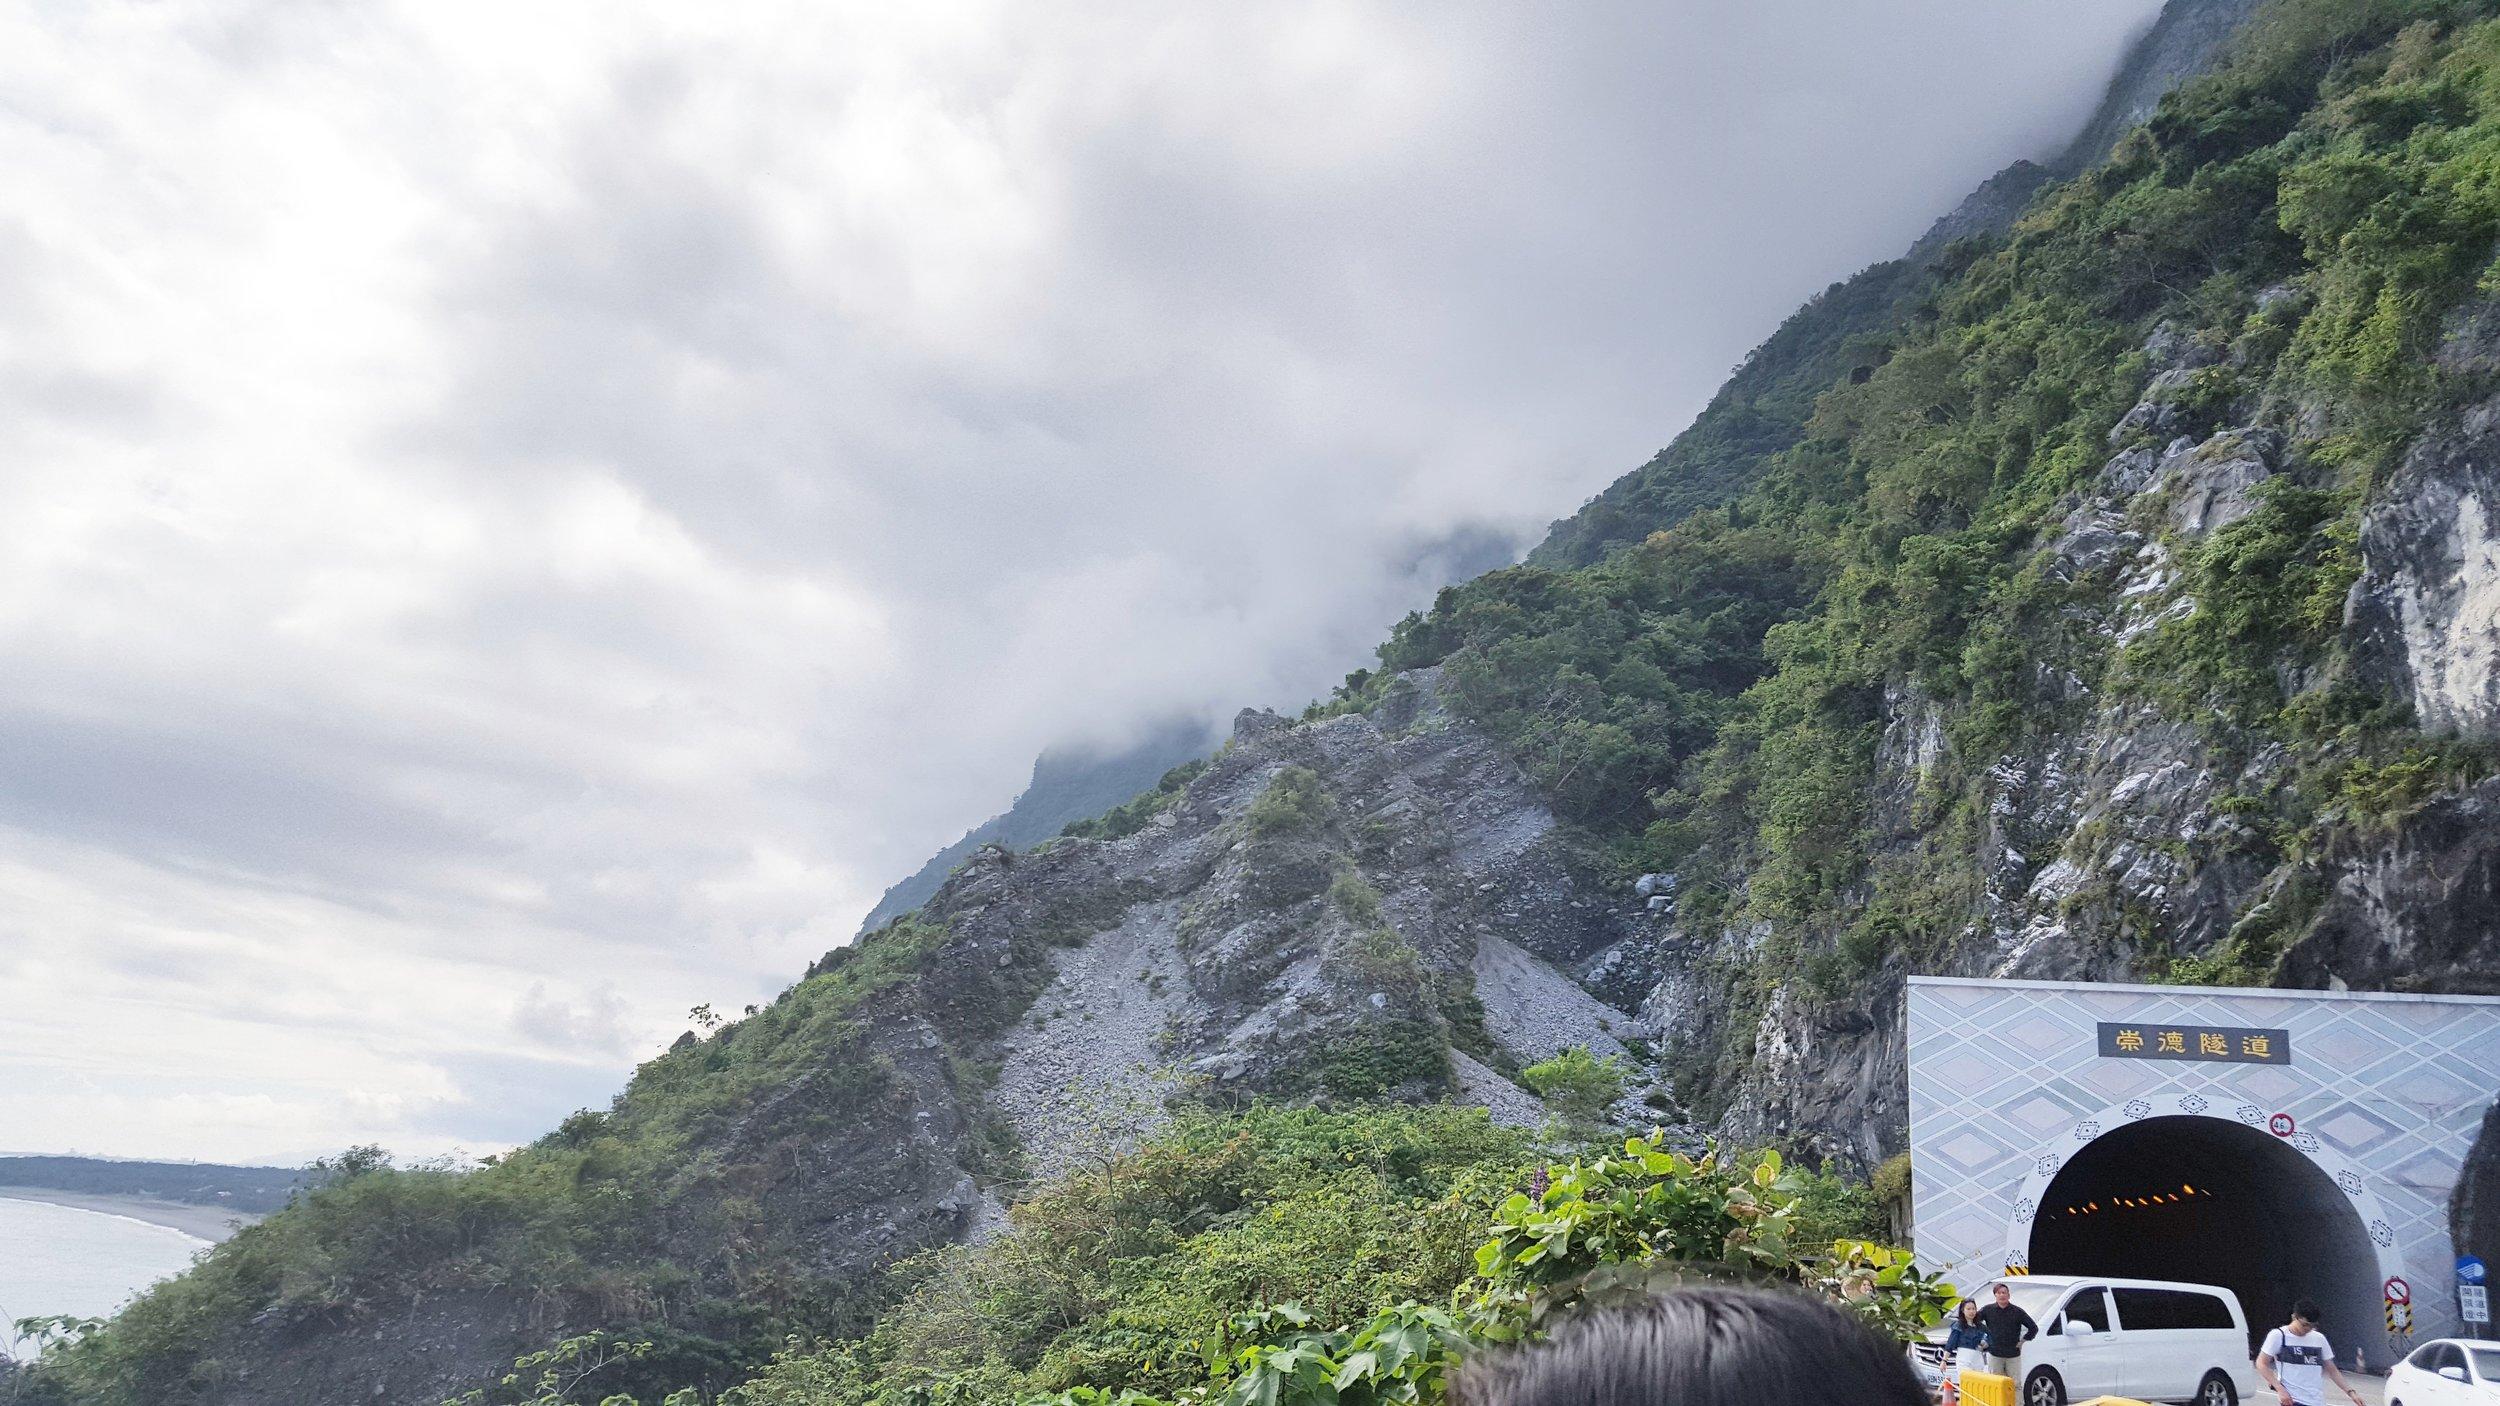 Su-Hua Highway